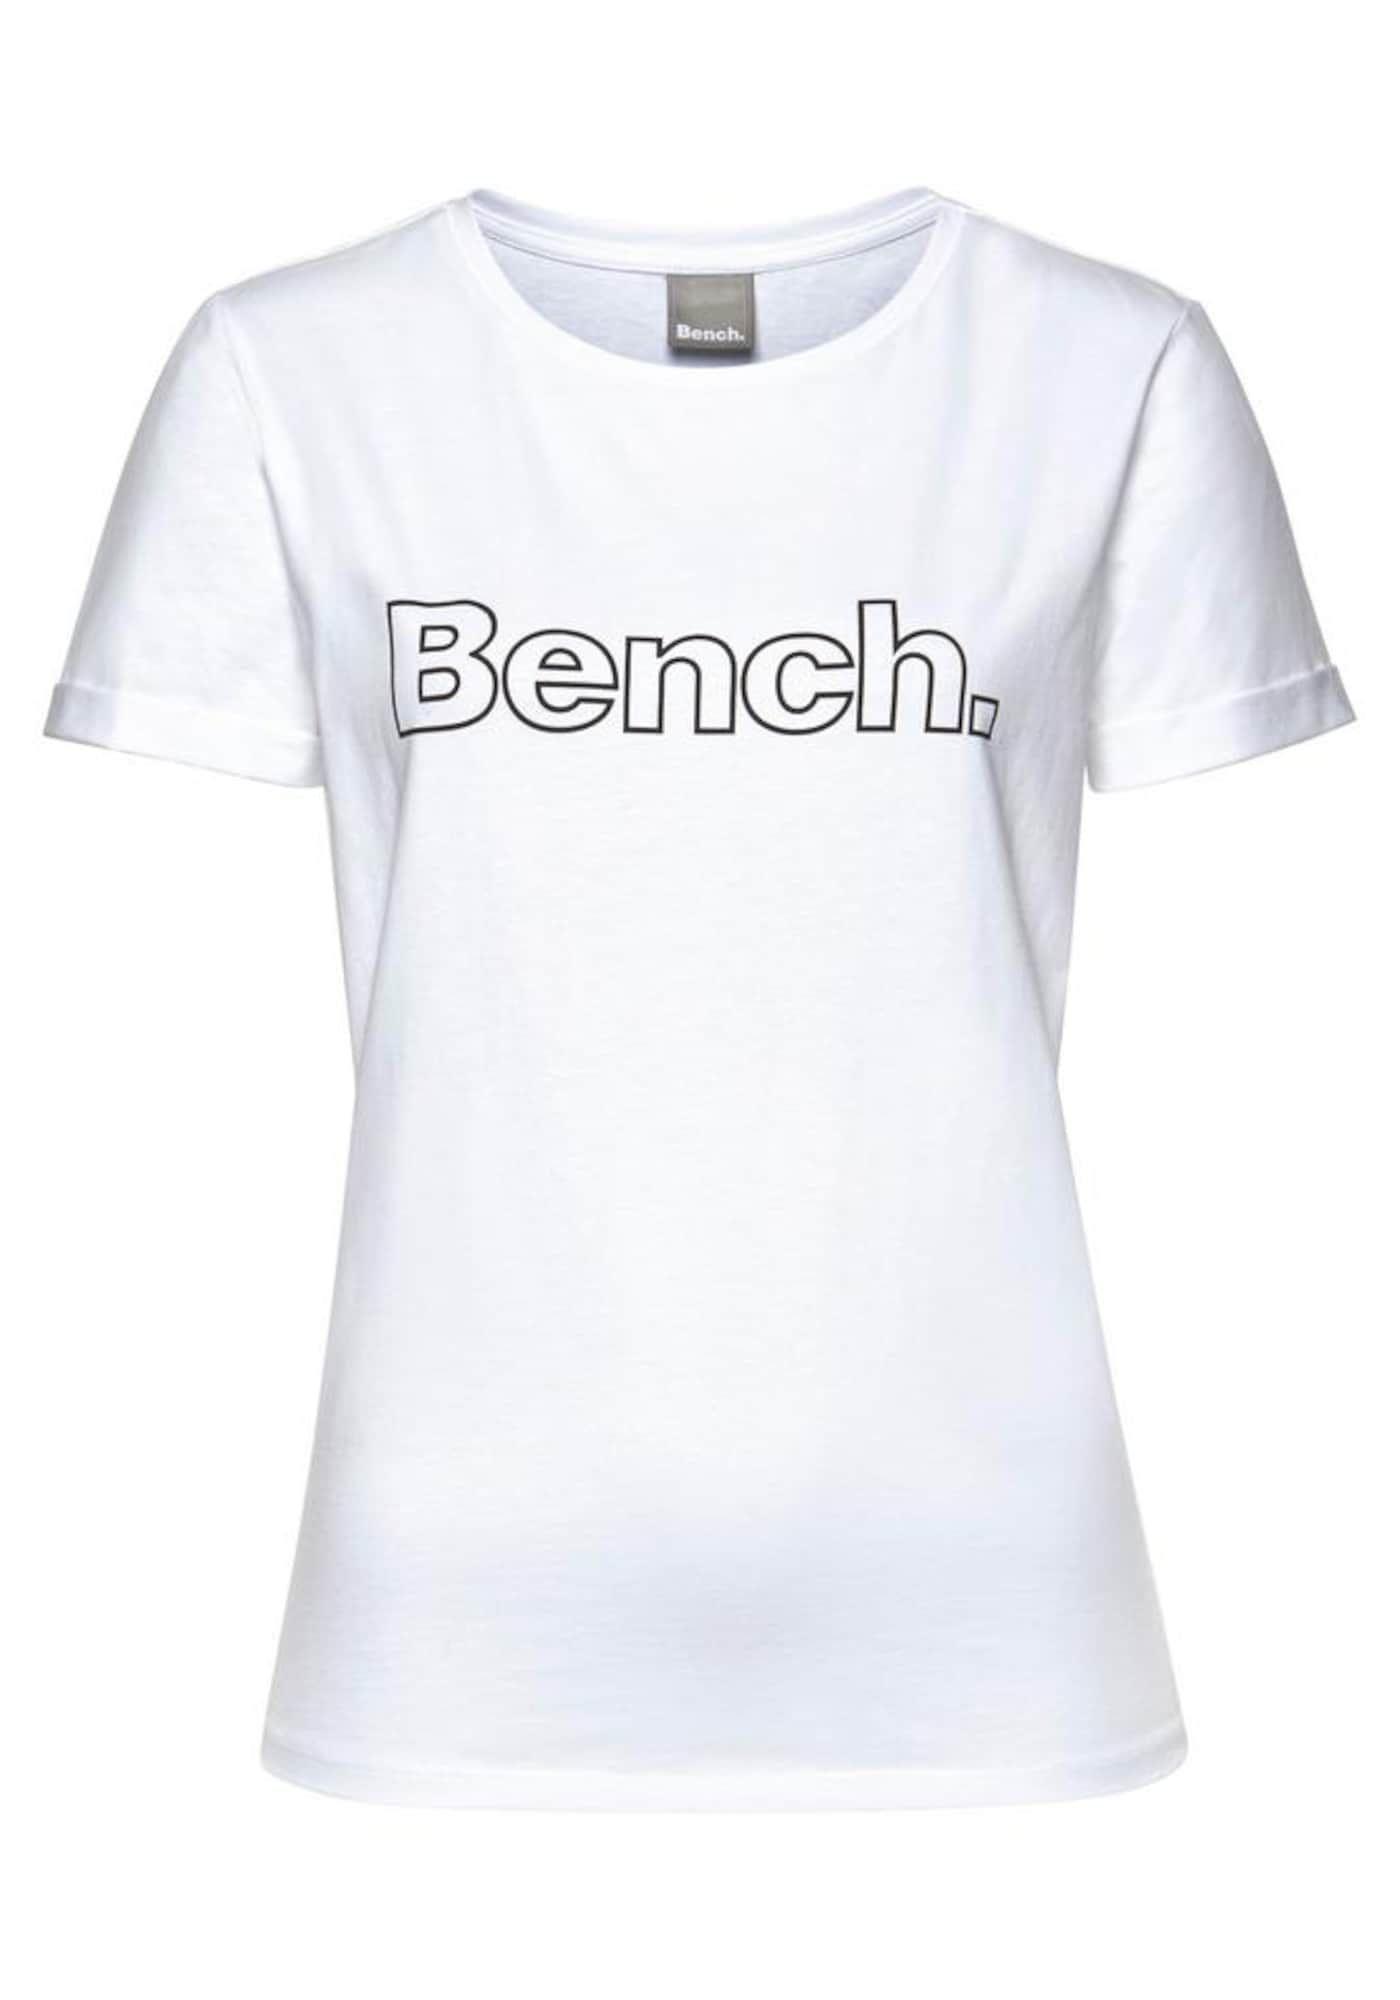 Bench T Shirt Damen Schwarz Weiss Grosse Xs Shirts T Shirt Und T Shirt Damen